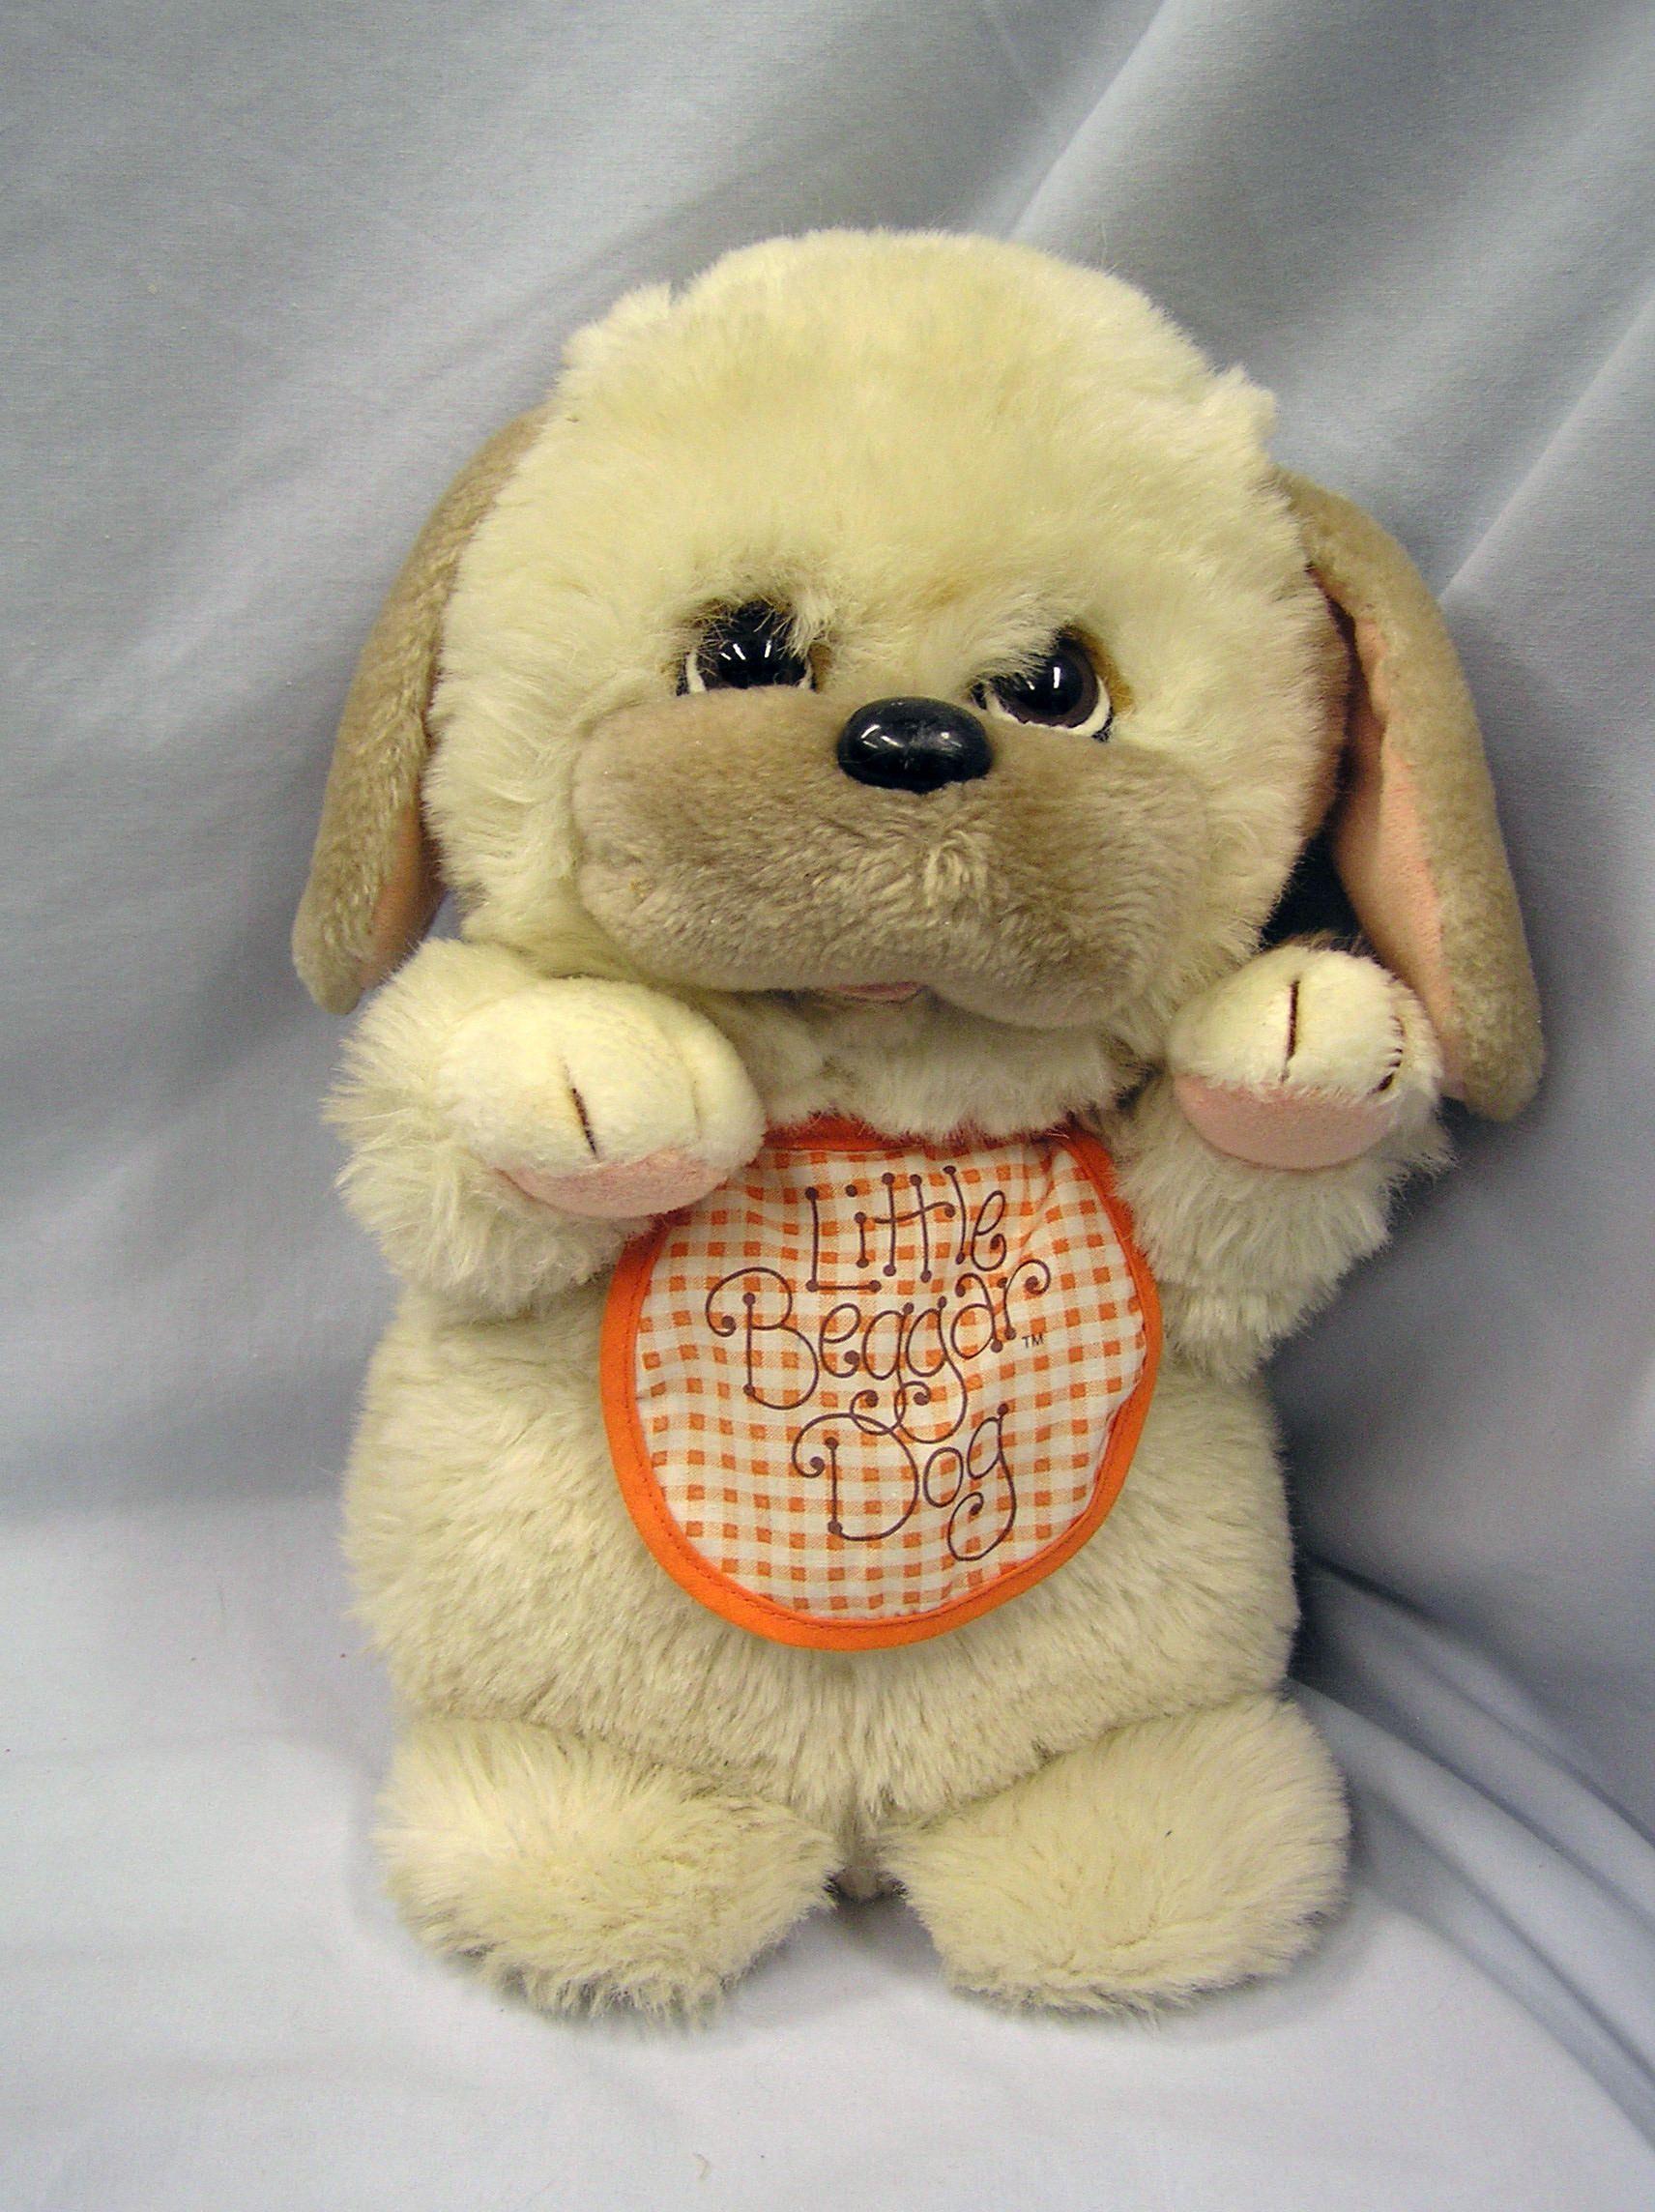 1982 Applause Little Beggar Dog Plush Toy W Orange Bib Puppy 12